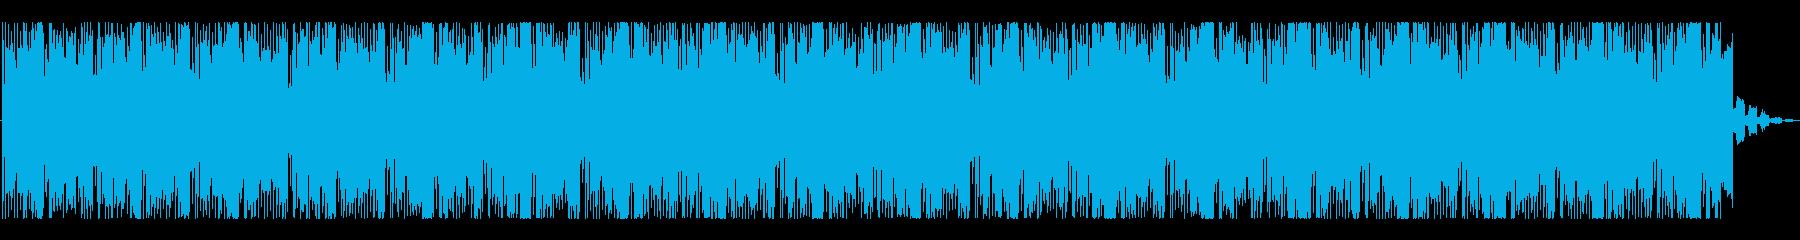 内省的なフューチャーベースの再生済みの波形